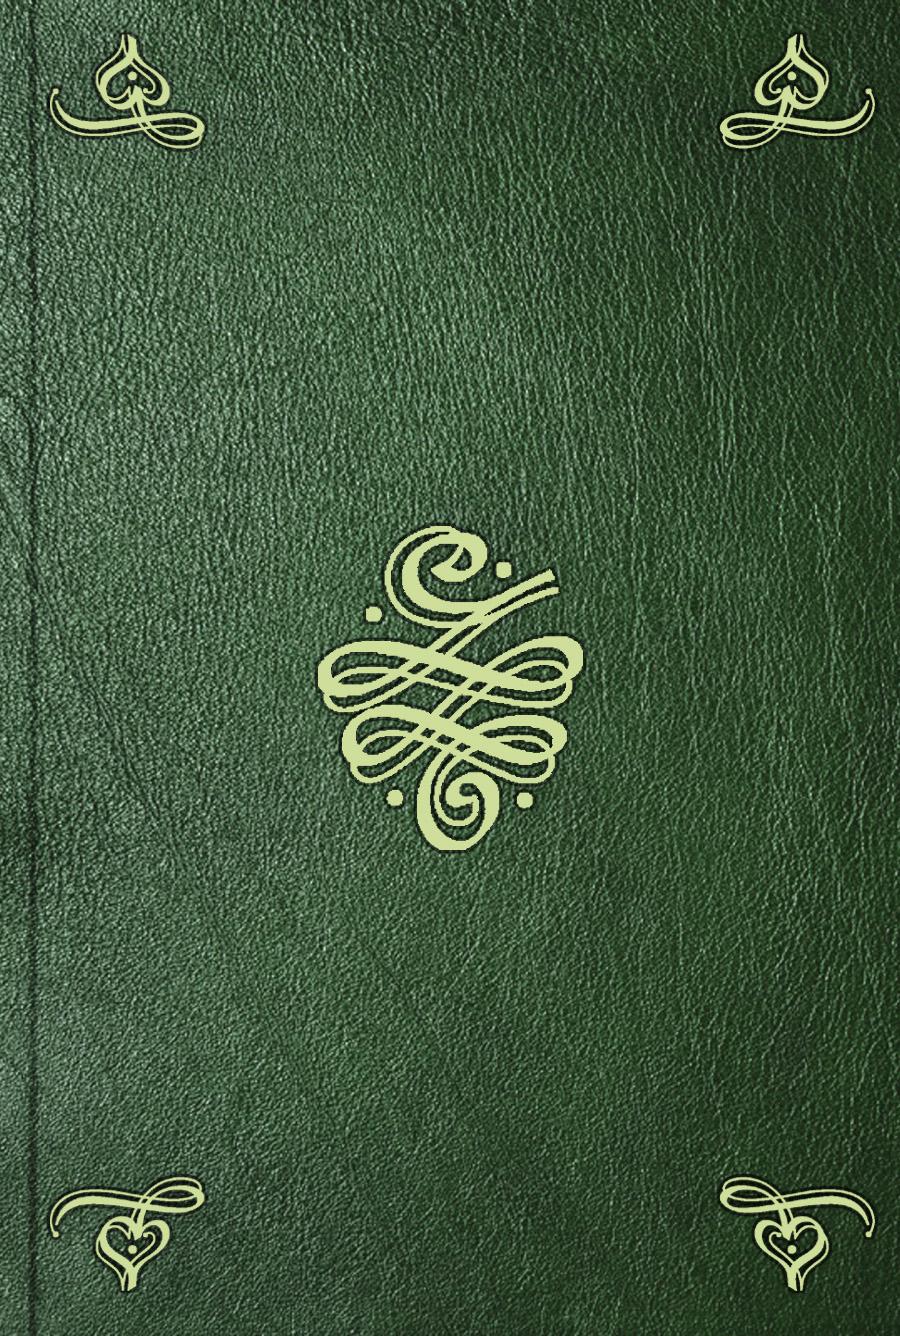 Encyclopédie œconomique, ou Systême général. T. 1